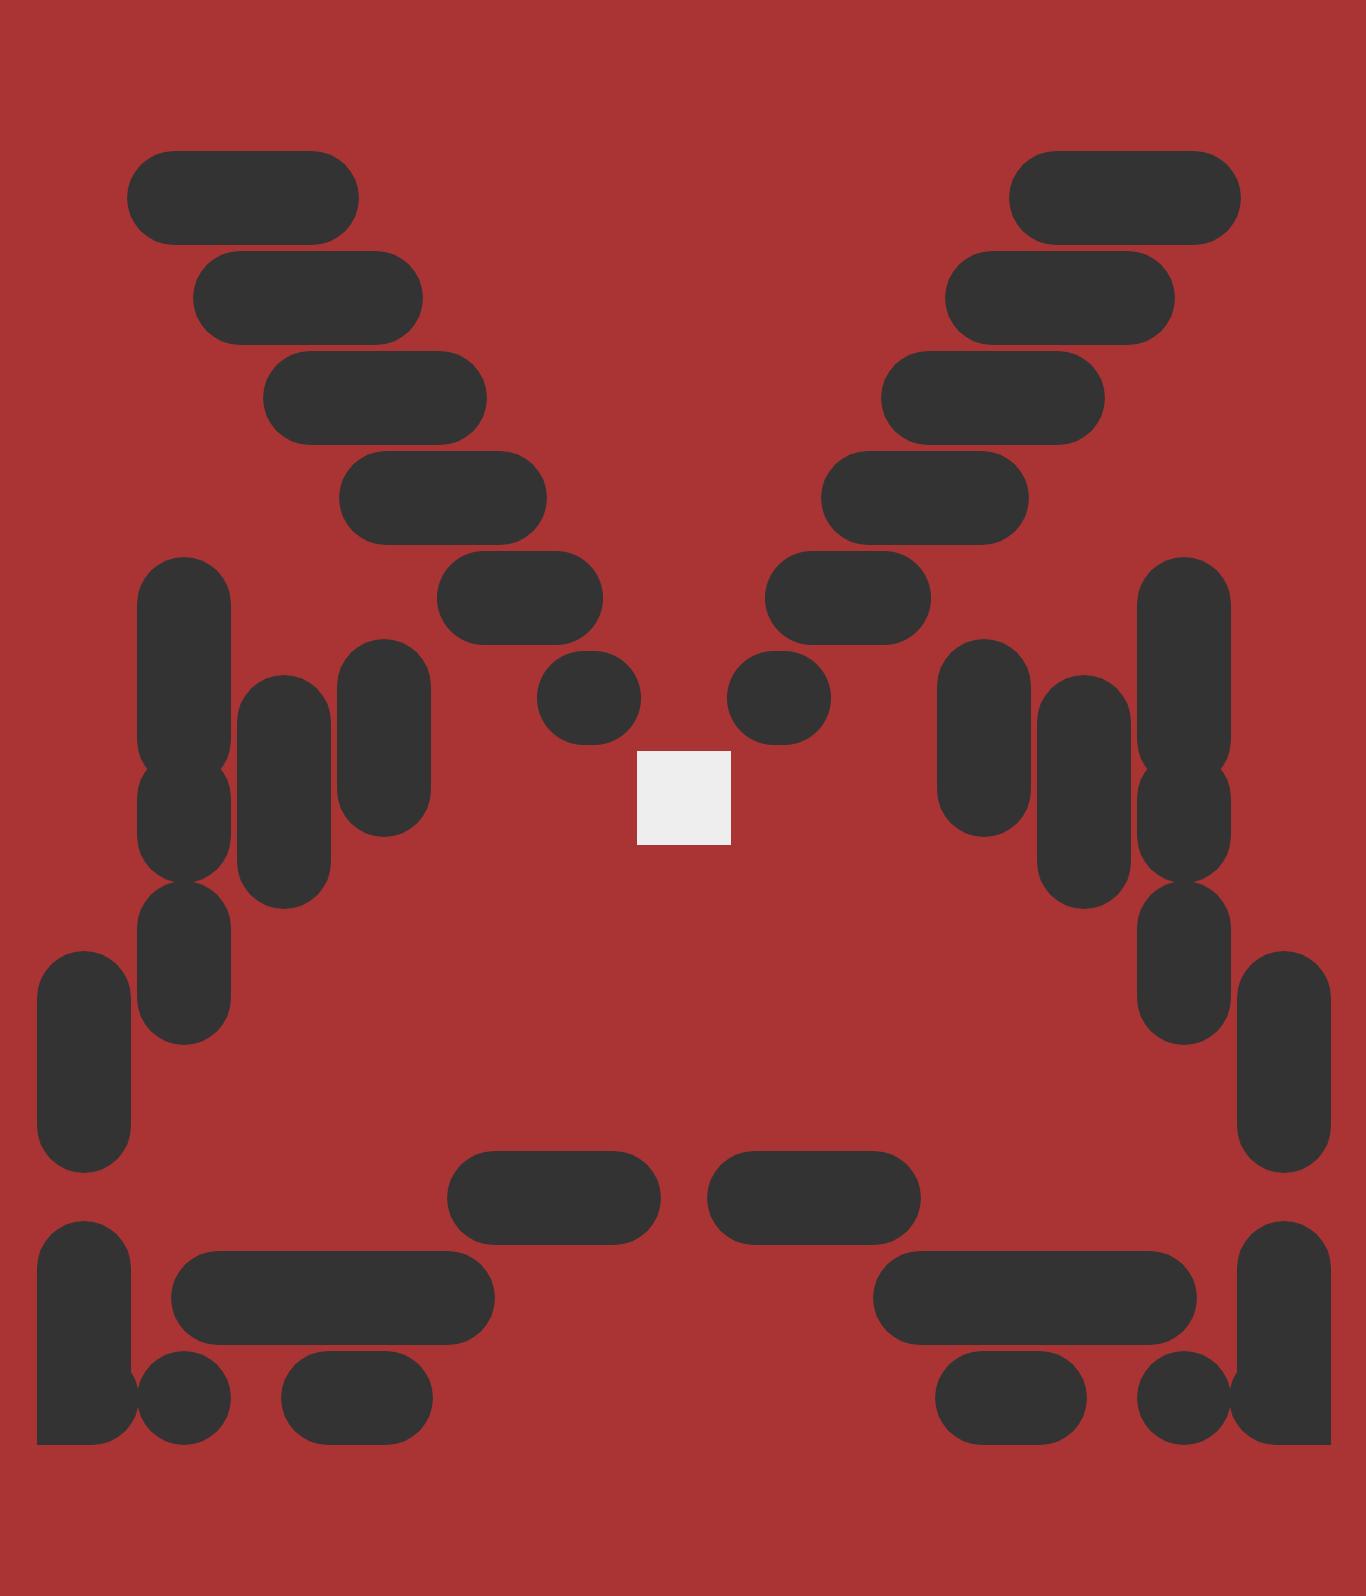 isolation-pixel-static-91